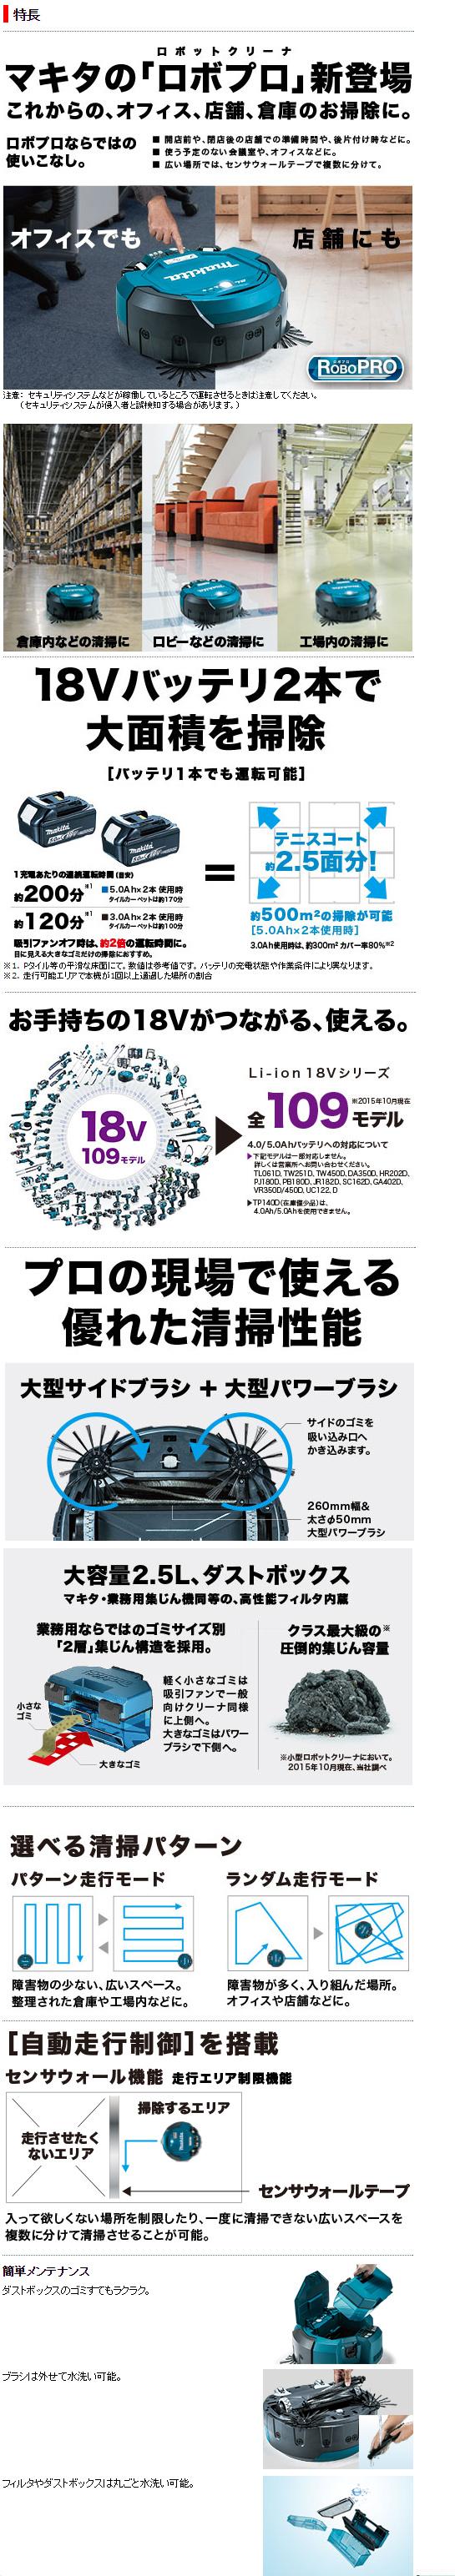 マキタ ロボットクリーナ RC200DZSP(本体のみ)